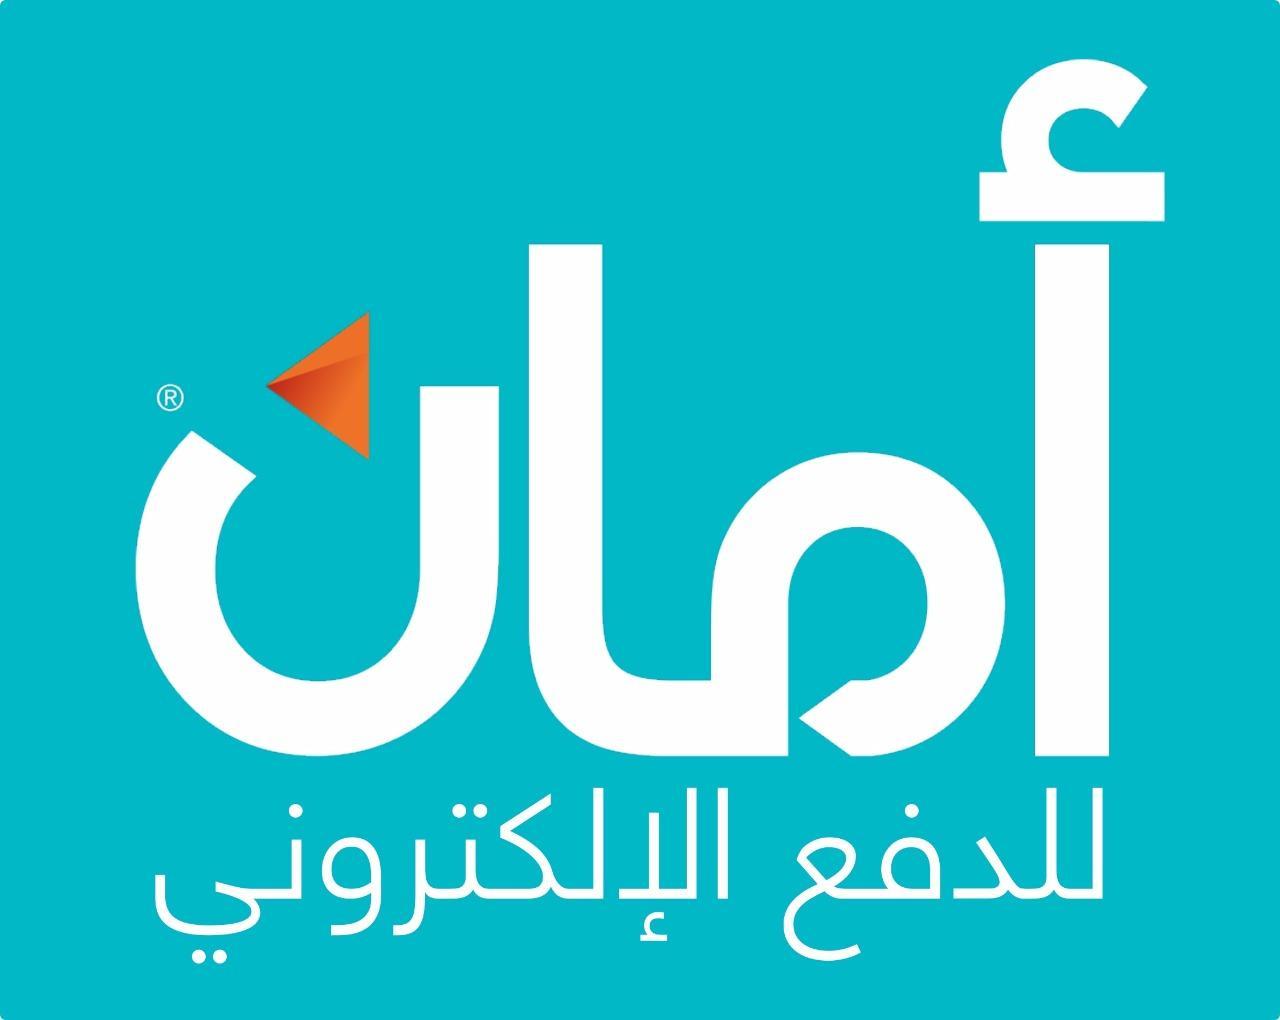 أمان تقدم خدمة السحب و الإيداع من خلال فودافون كاش اقتصاد مصر